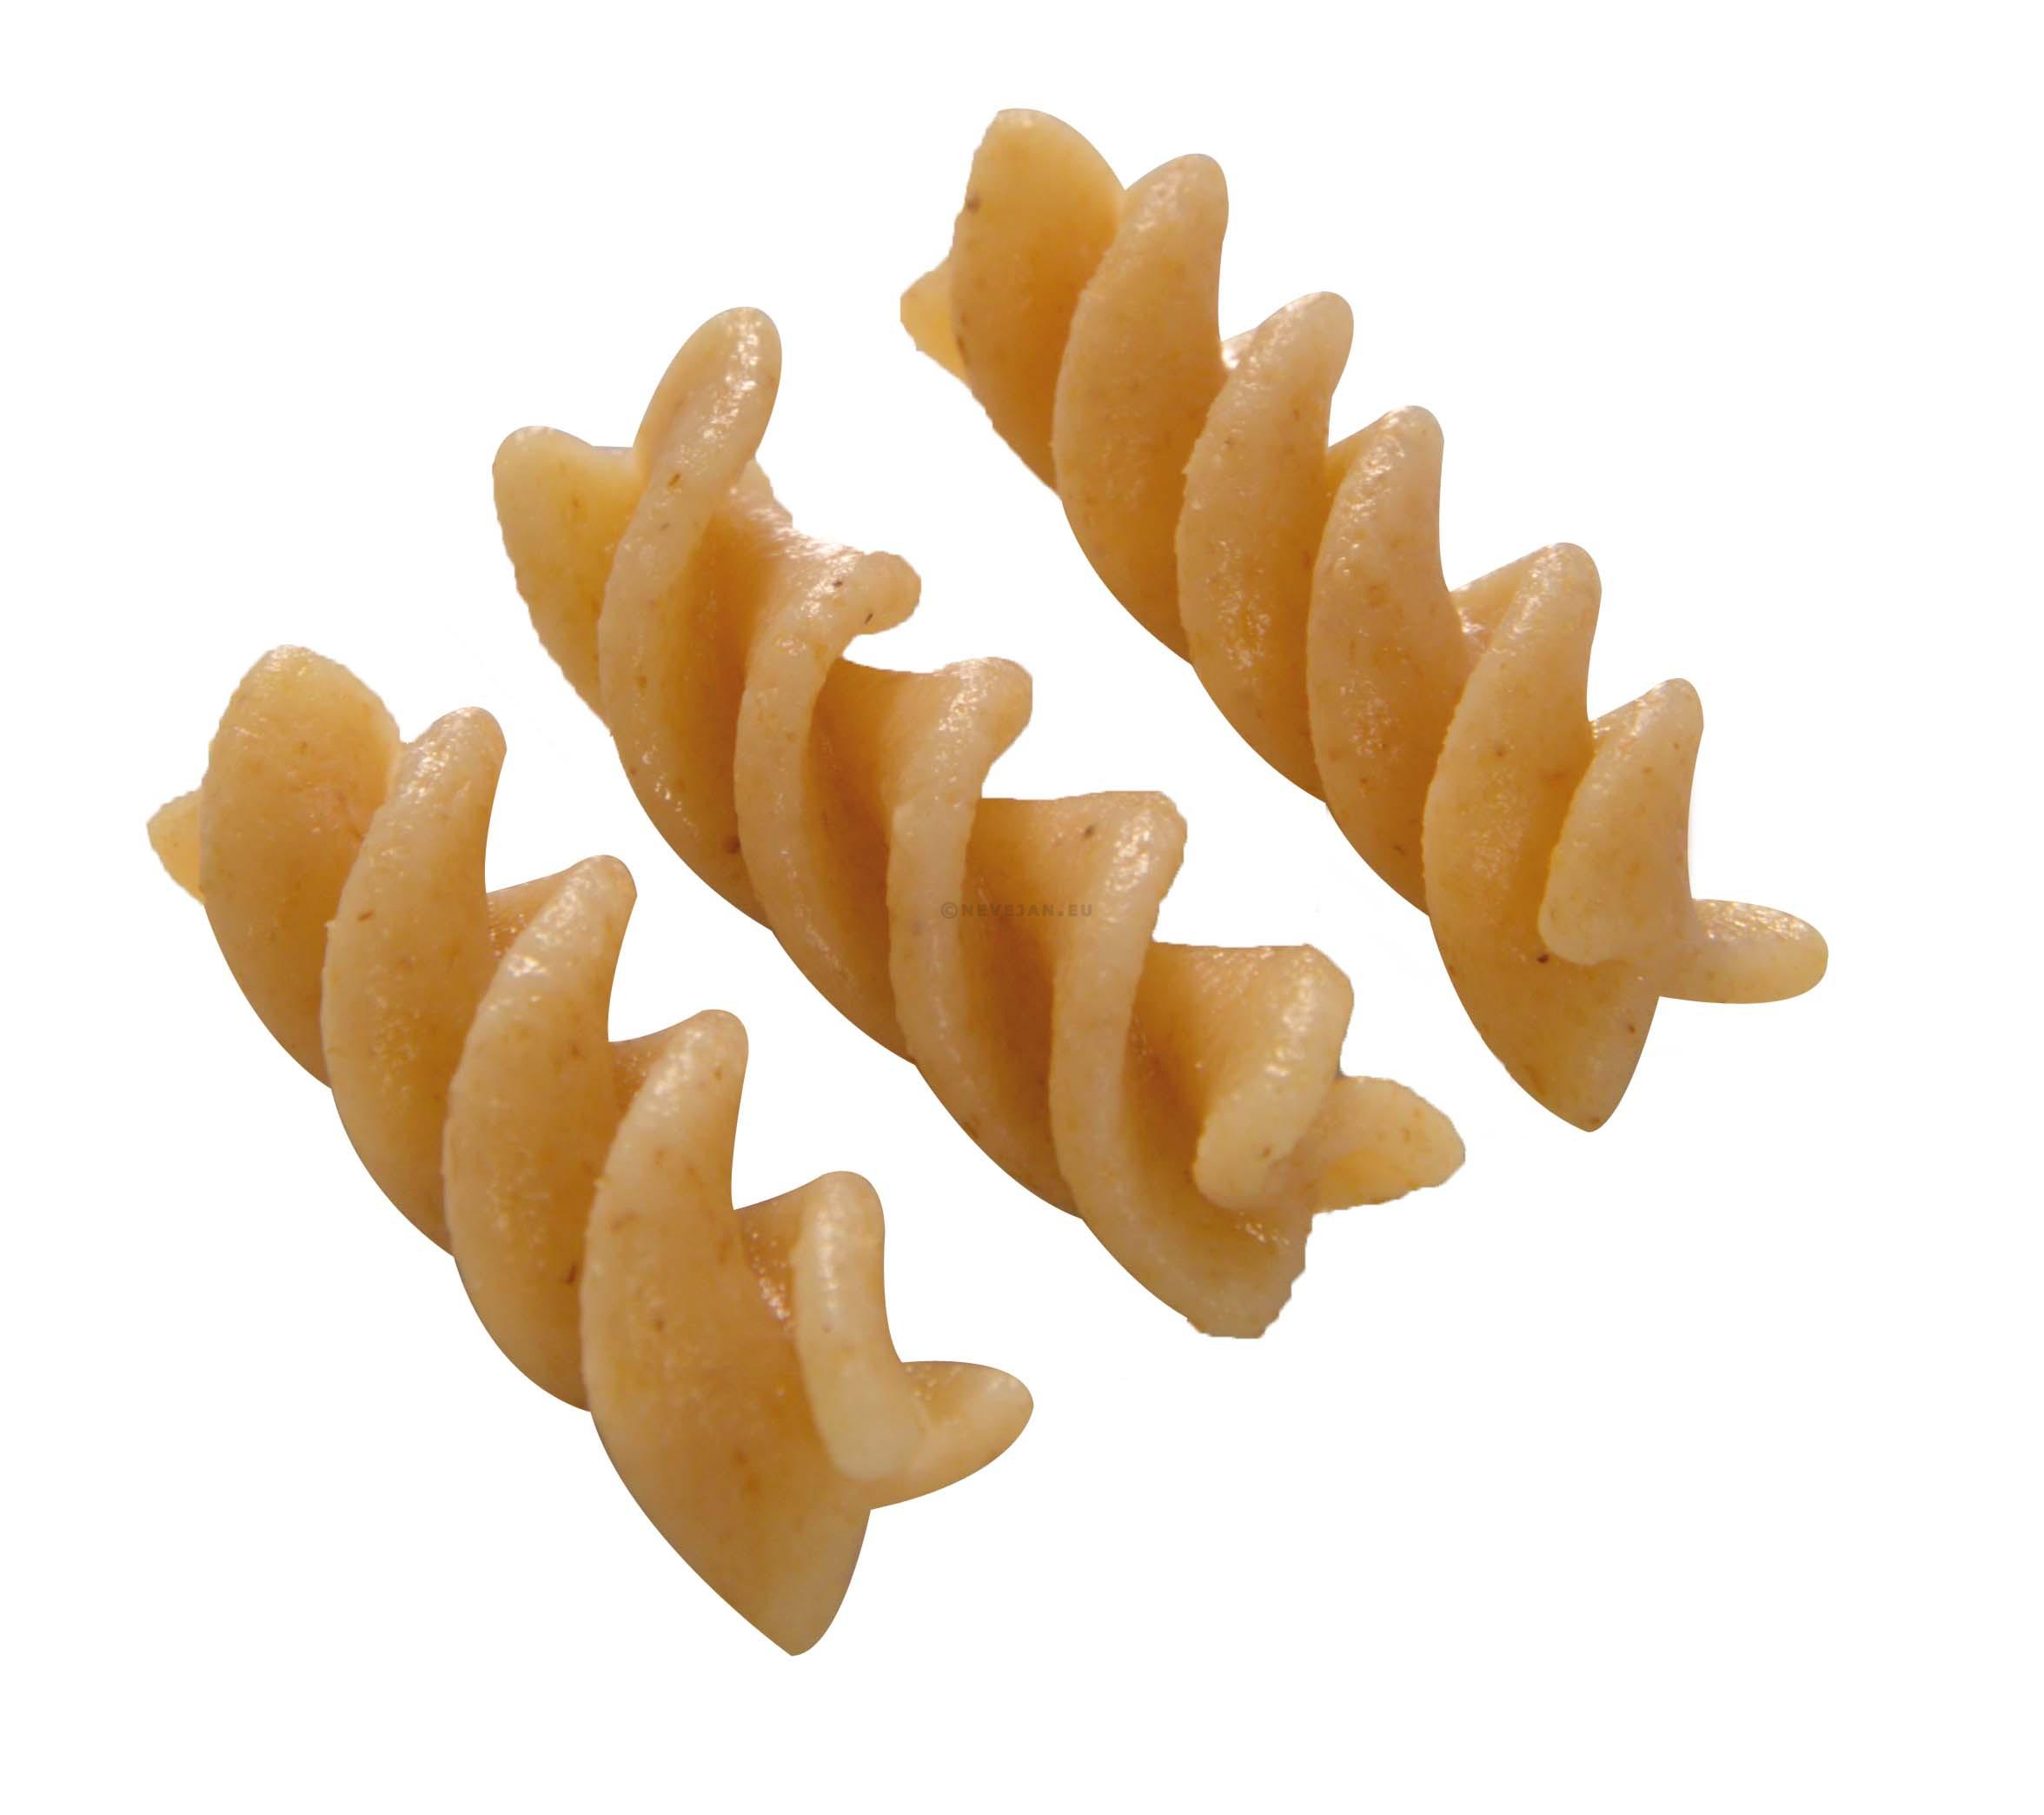 The Smiling Cook Fusilli Fusilli semoule de blé complet 4x2.5kg Pates Congelées D'Lis Food